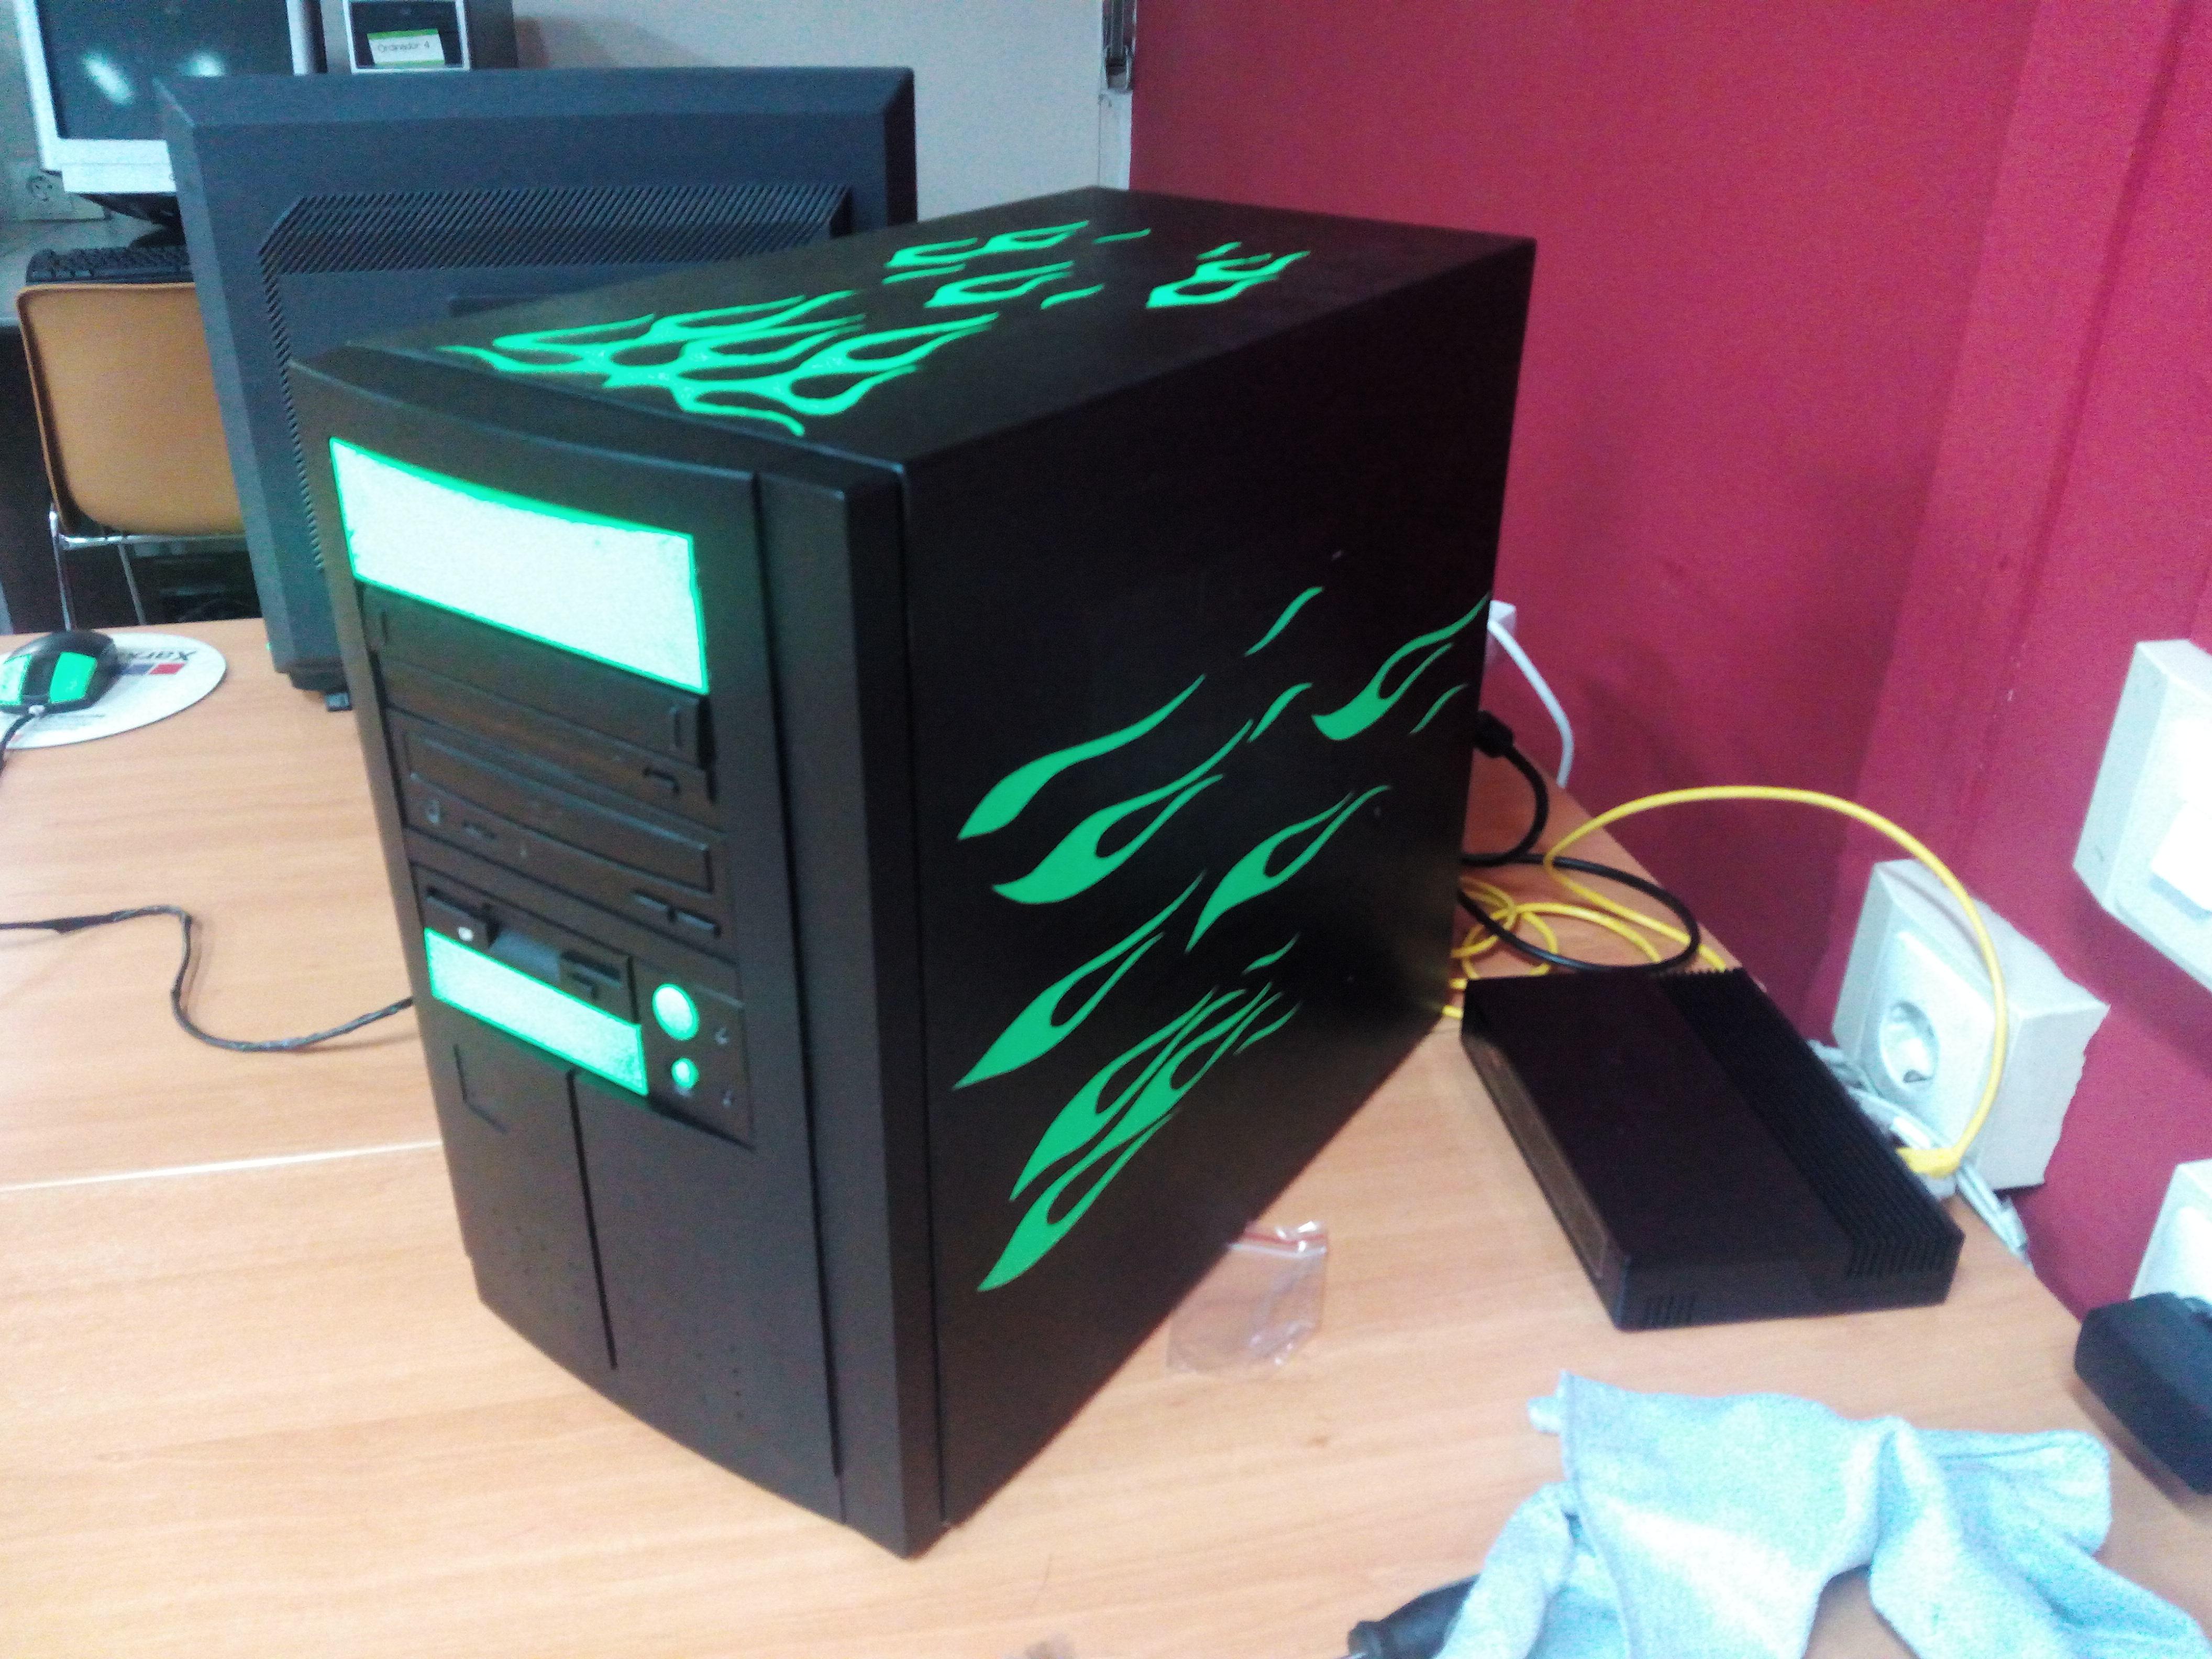 Imatge de l'ordinador de sobretaula.